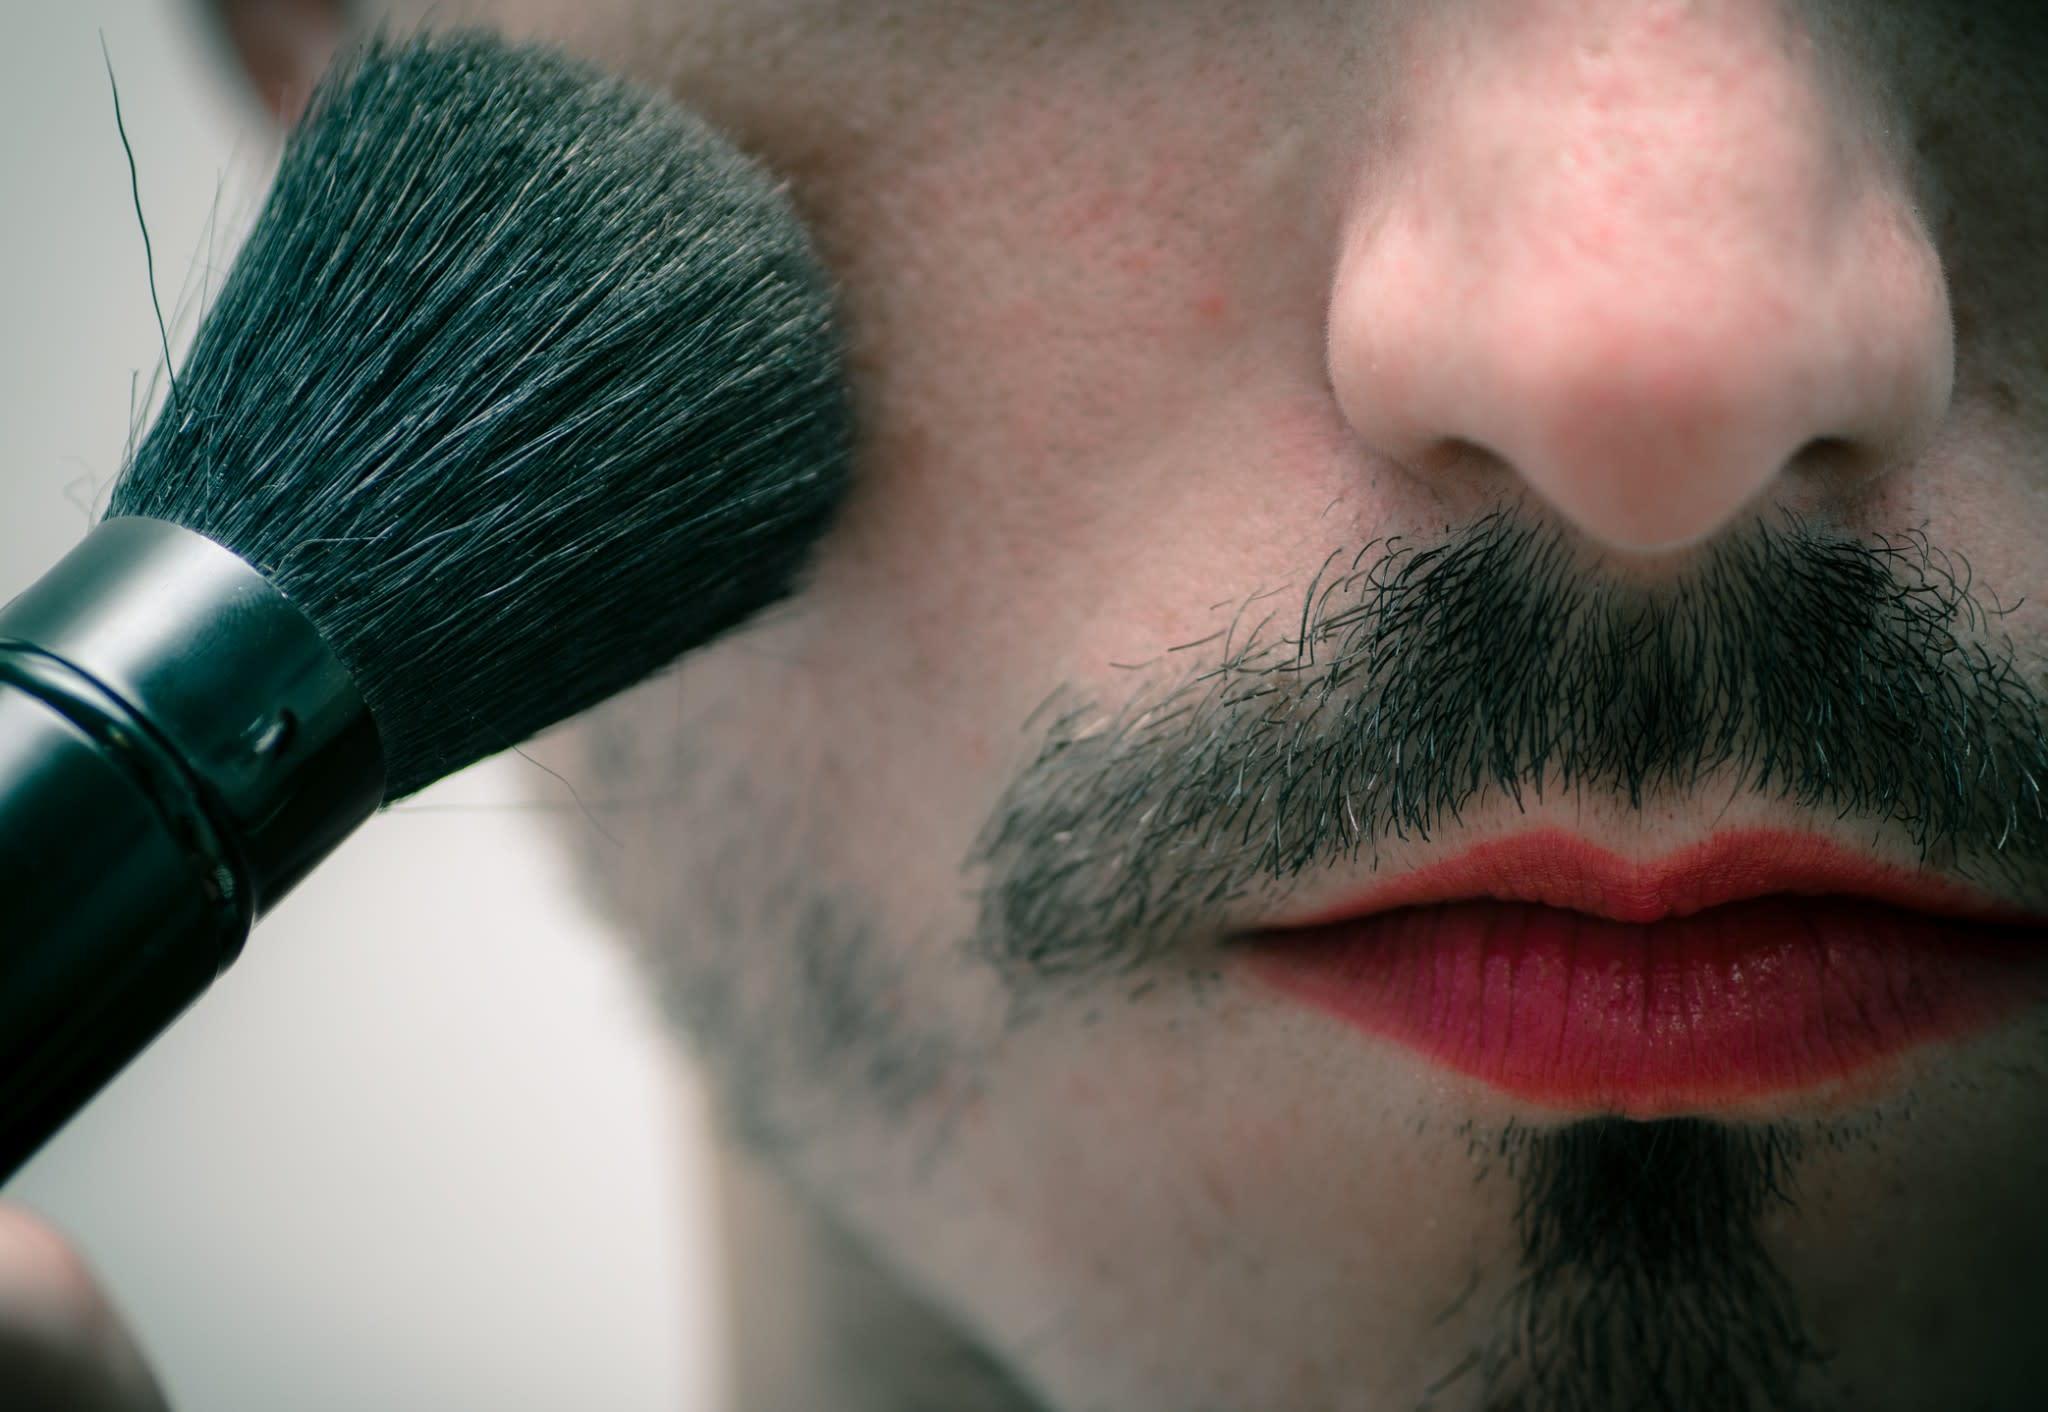 Men on Reddit reveal all the 'feminine